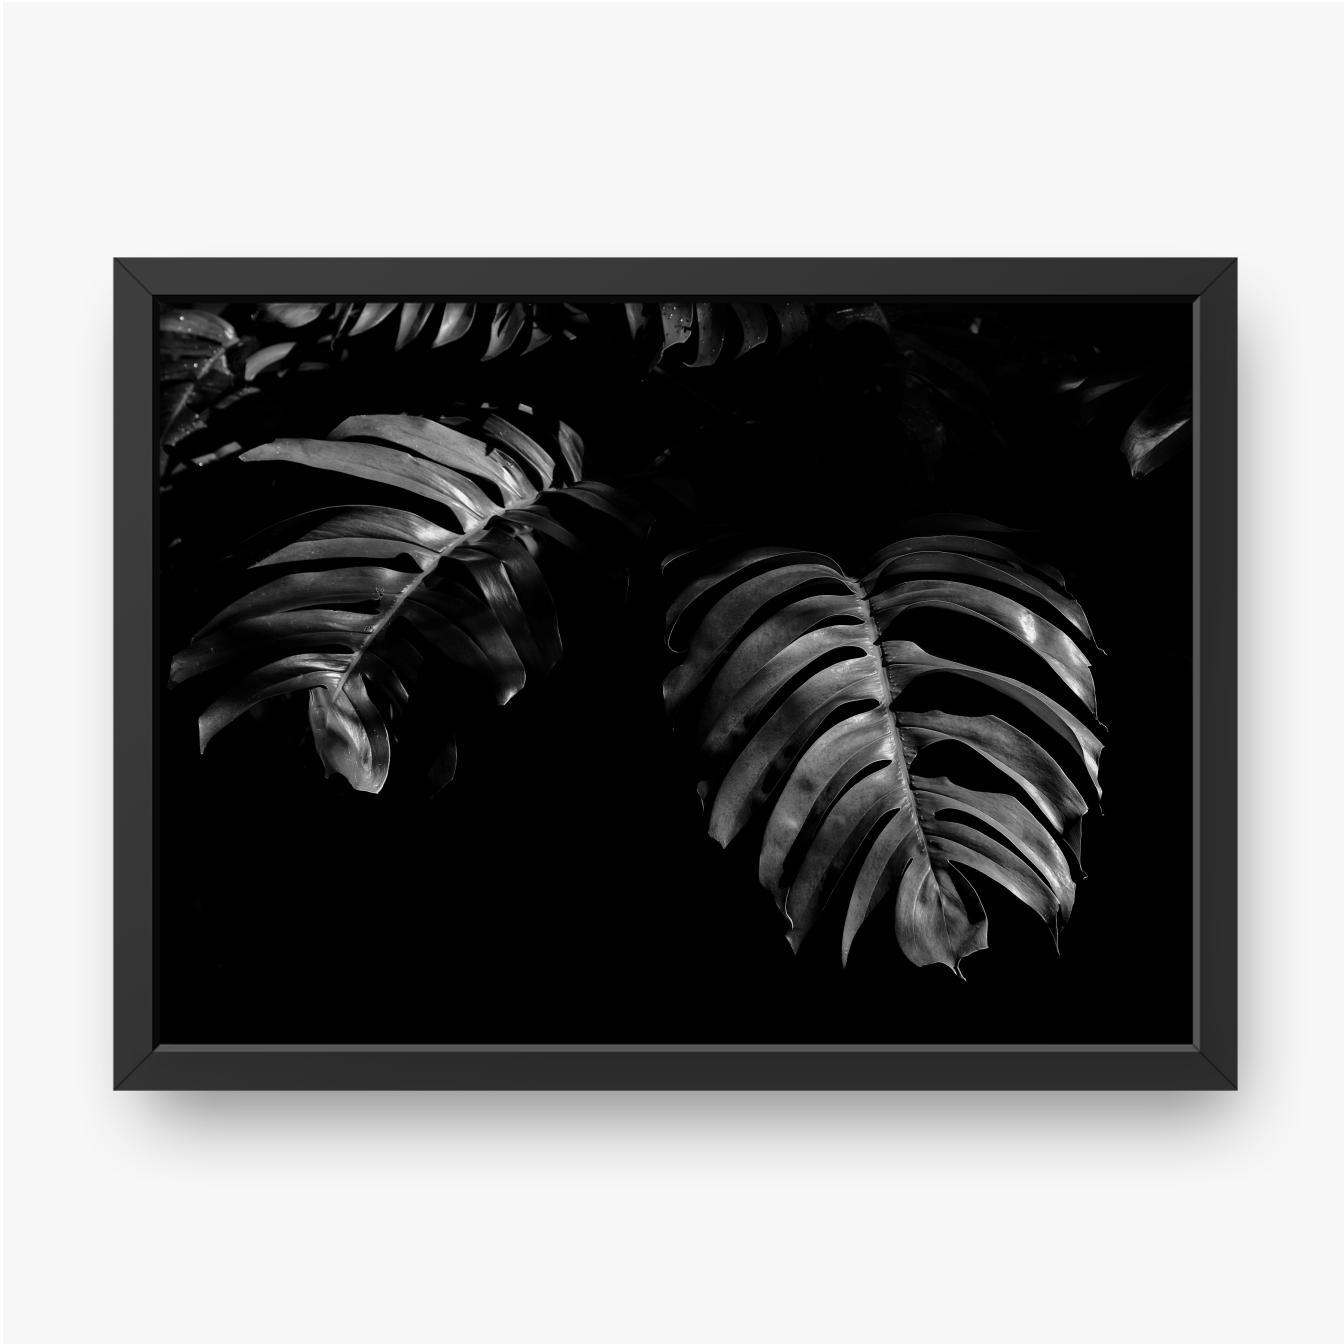 Blatt im Regenwald, in schwarz und weiß